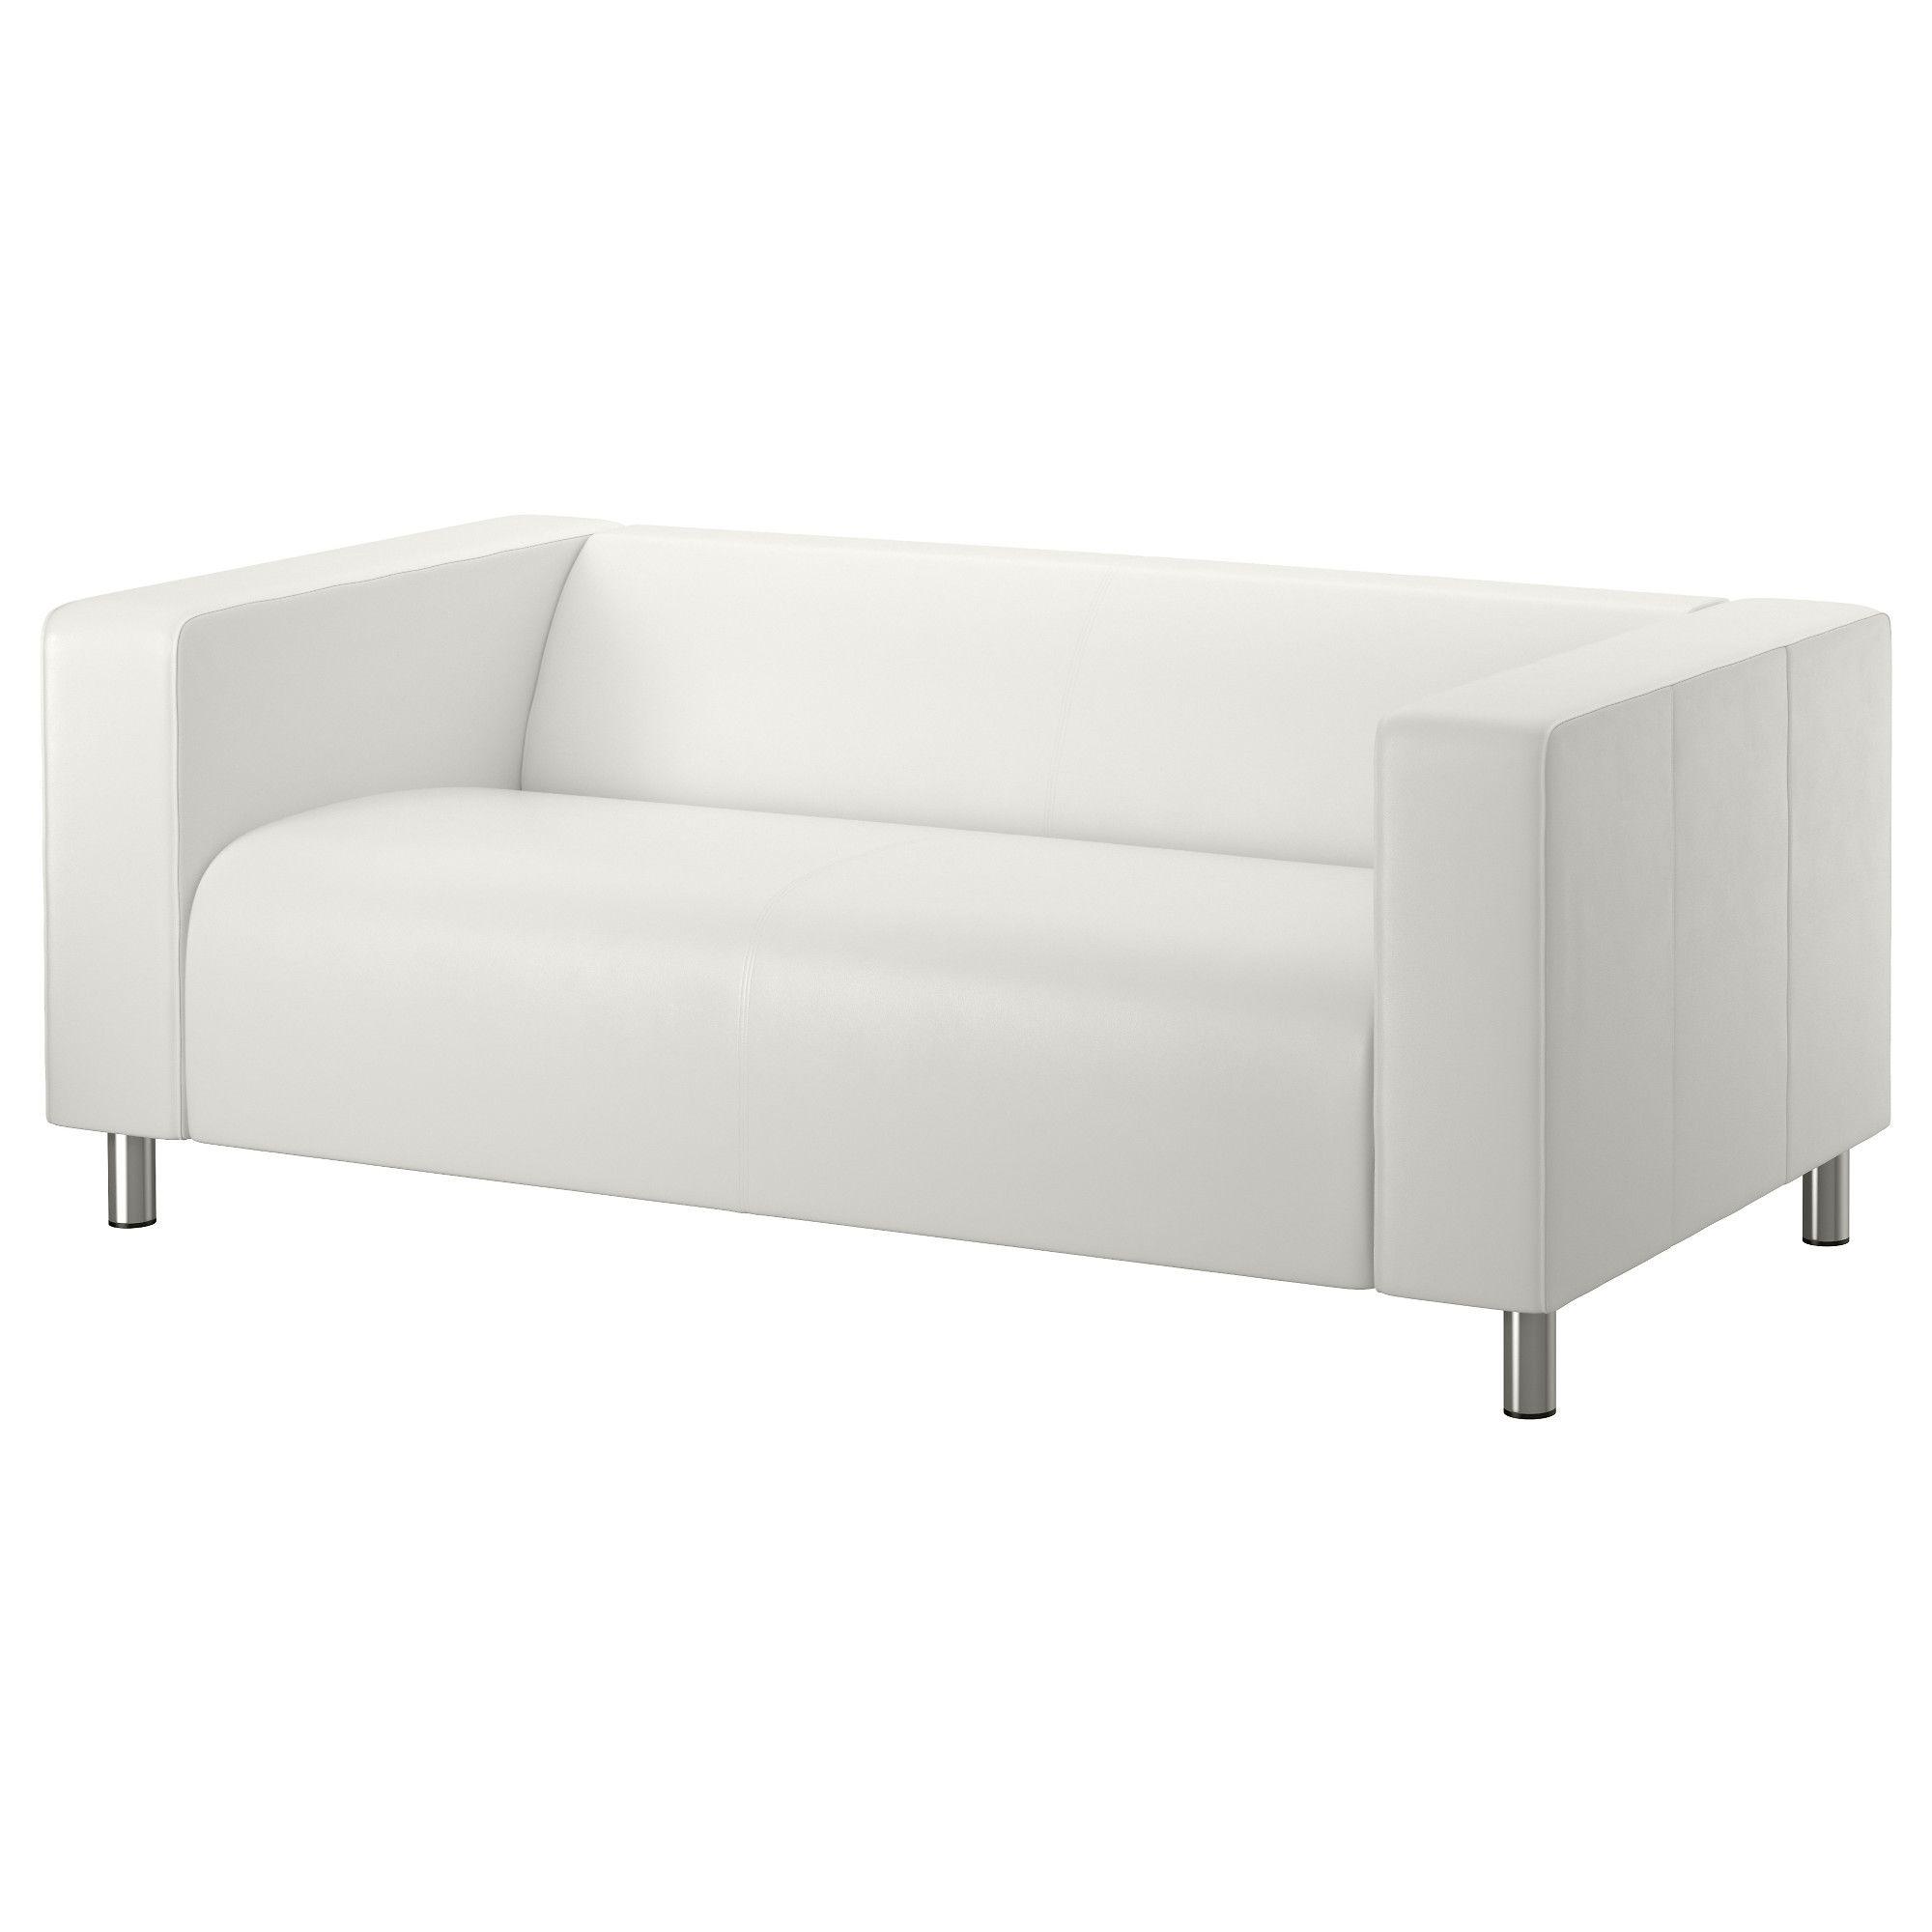 Furniture And Home Furnishings White Rooms Ikea Sofa